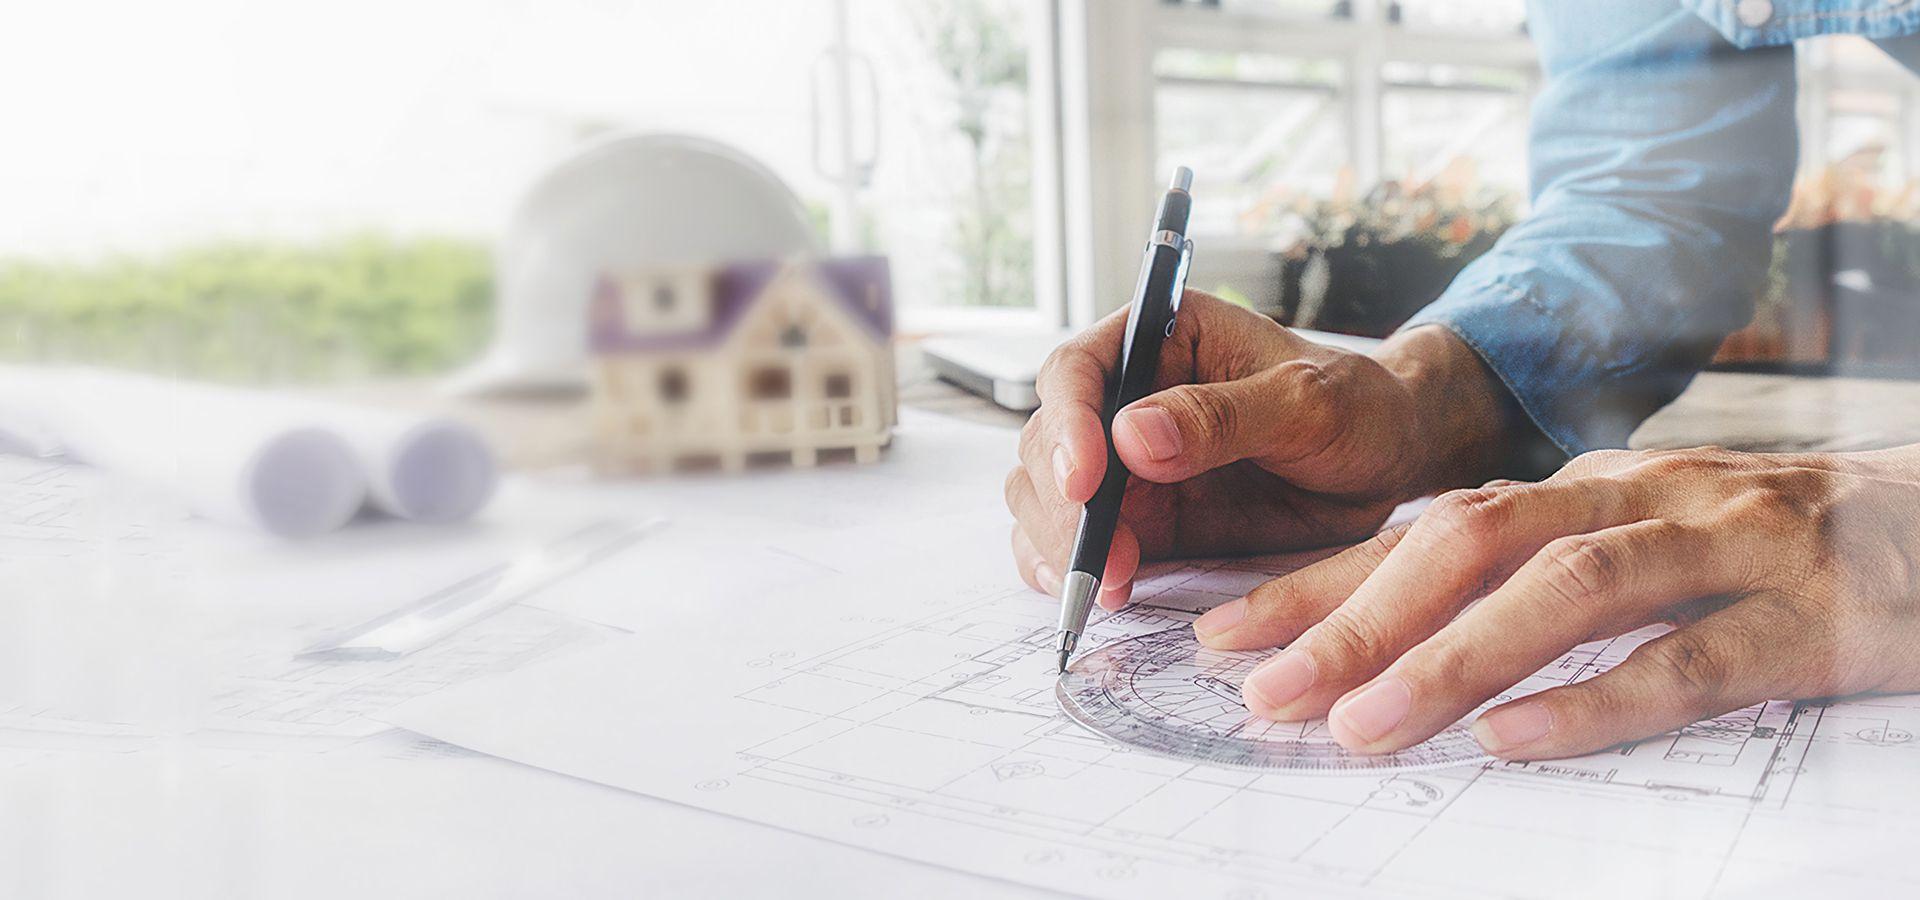 معماری ، دکوراسیون داخلی ، نمای ساختمان